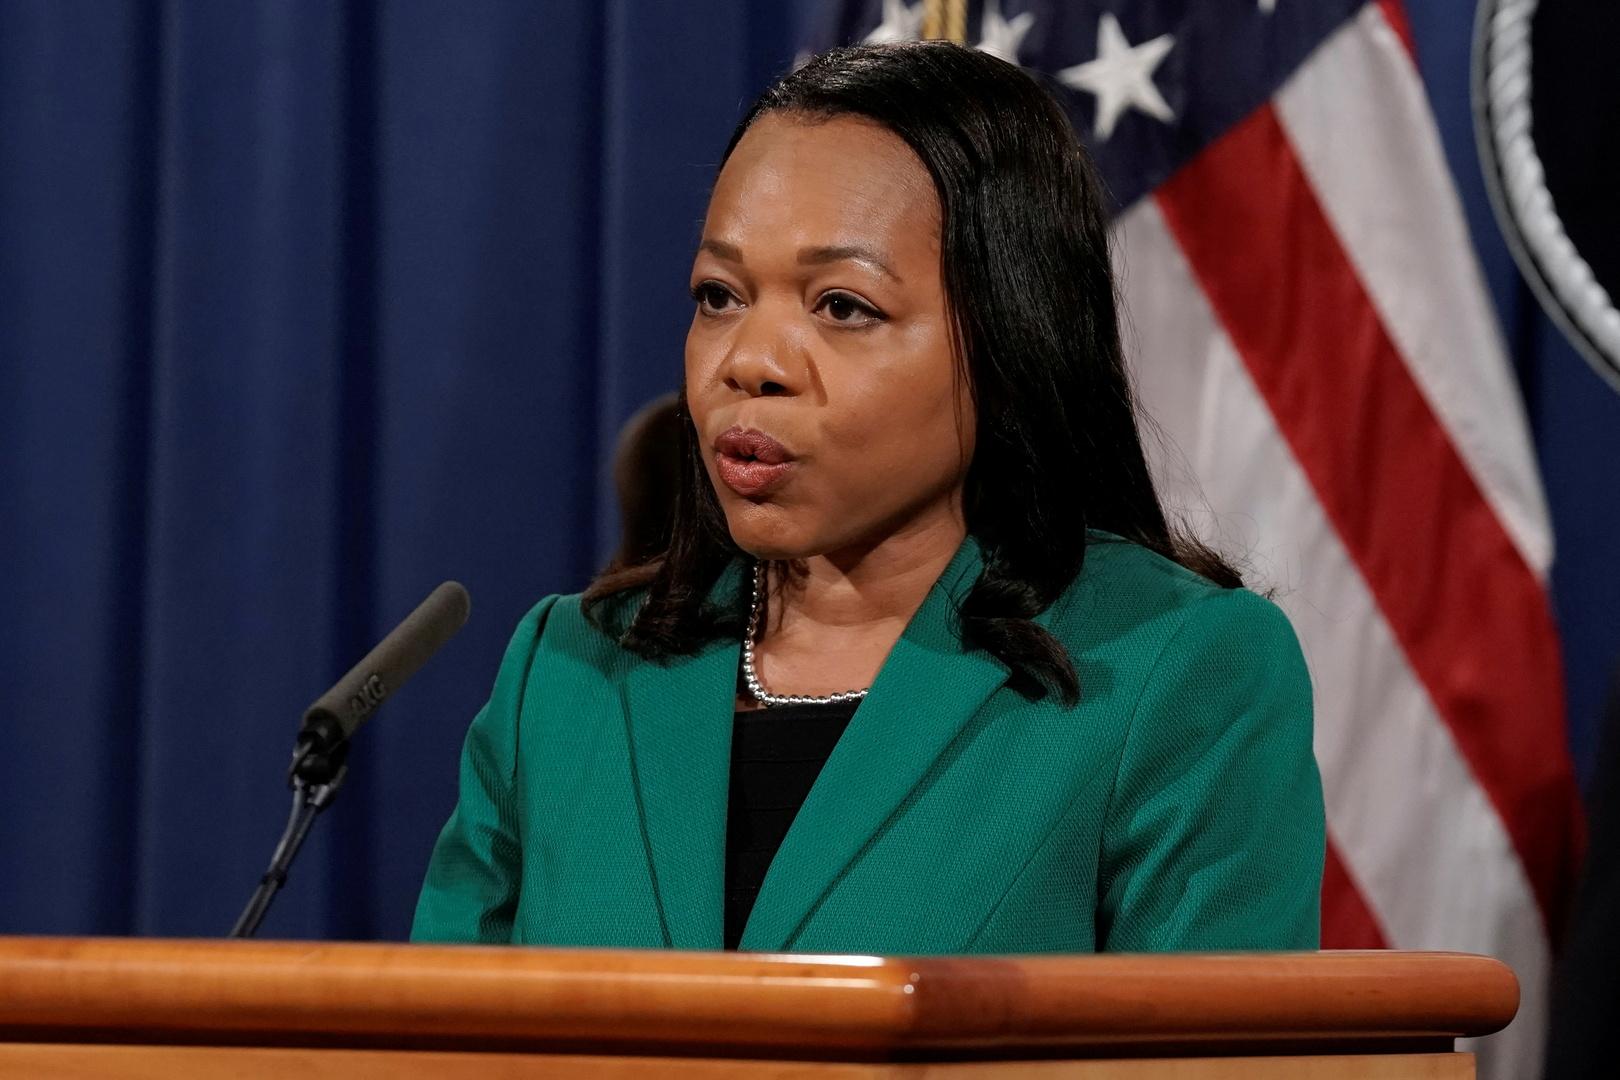 كريستين كلارك، مساعدة المدعي العام الأمريكي للحقوق المدنية